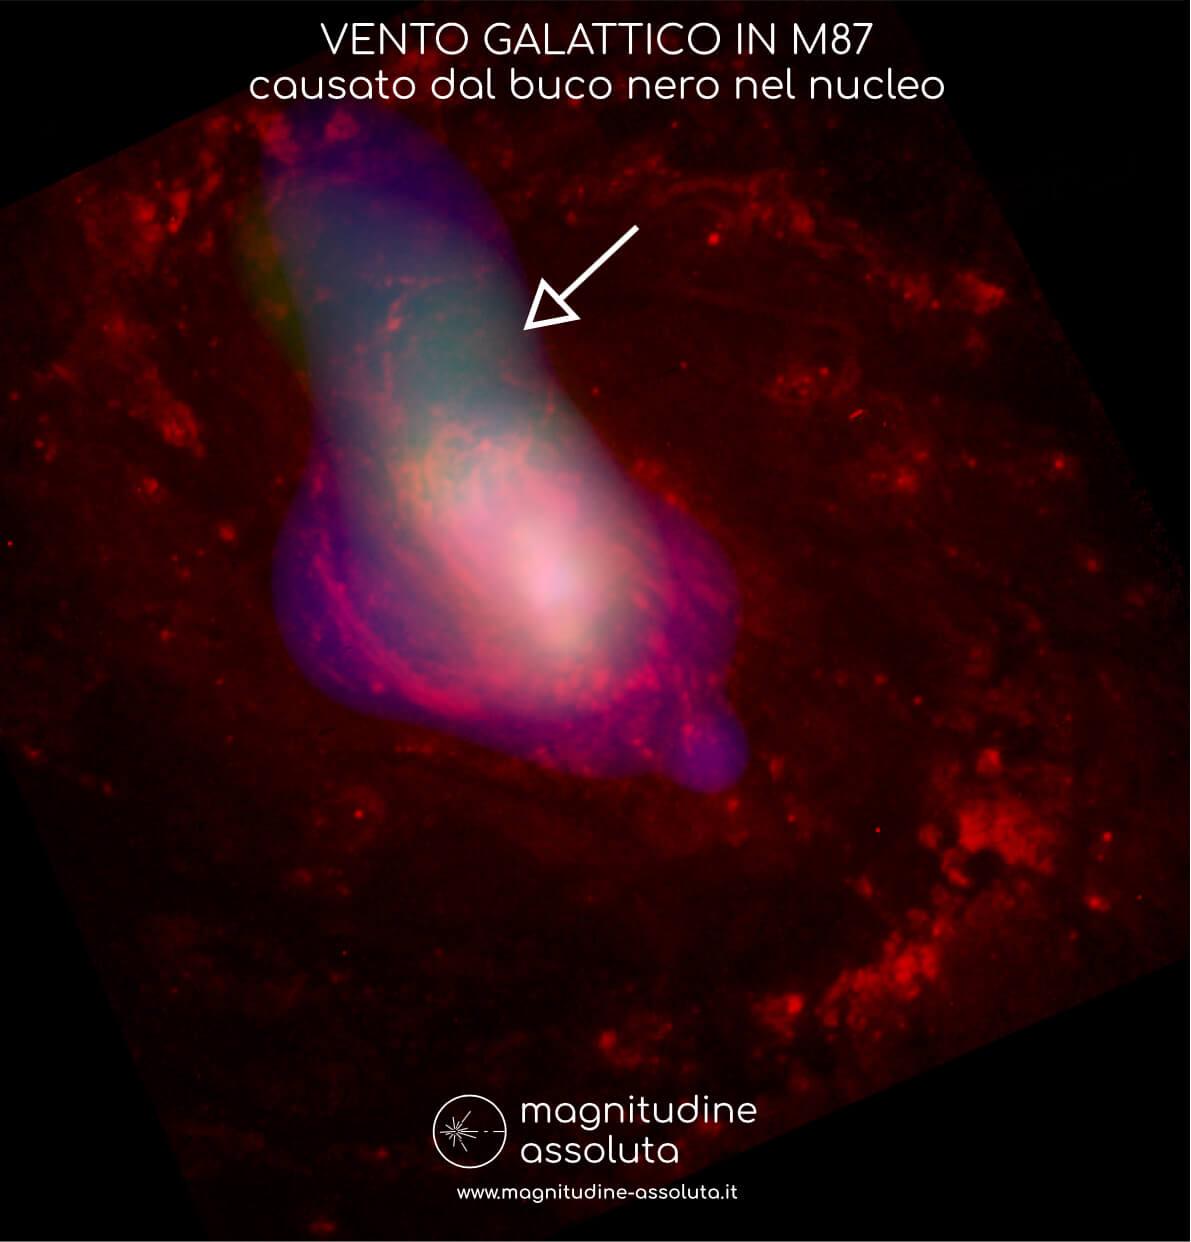 Foto Nasa che riprende il nucleo della galassia M87 con un vento galattico che fuoriesce dalla zona del nucleo generato dal buco nero super massiccio che si trova nel centro galattico